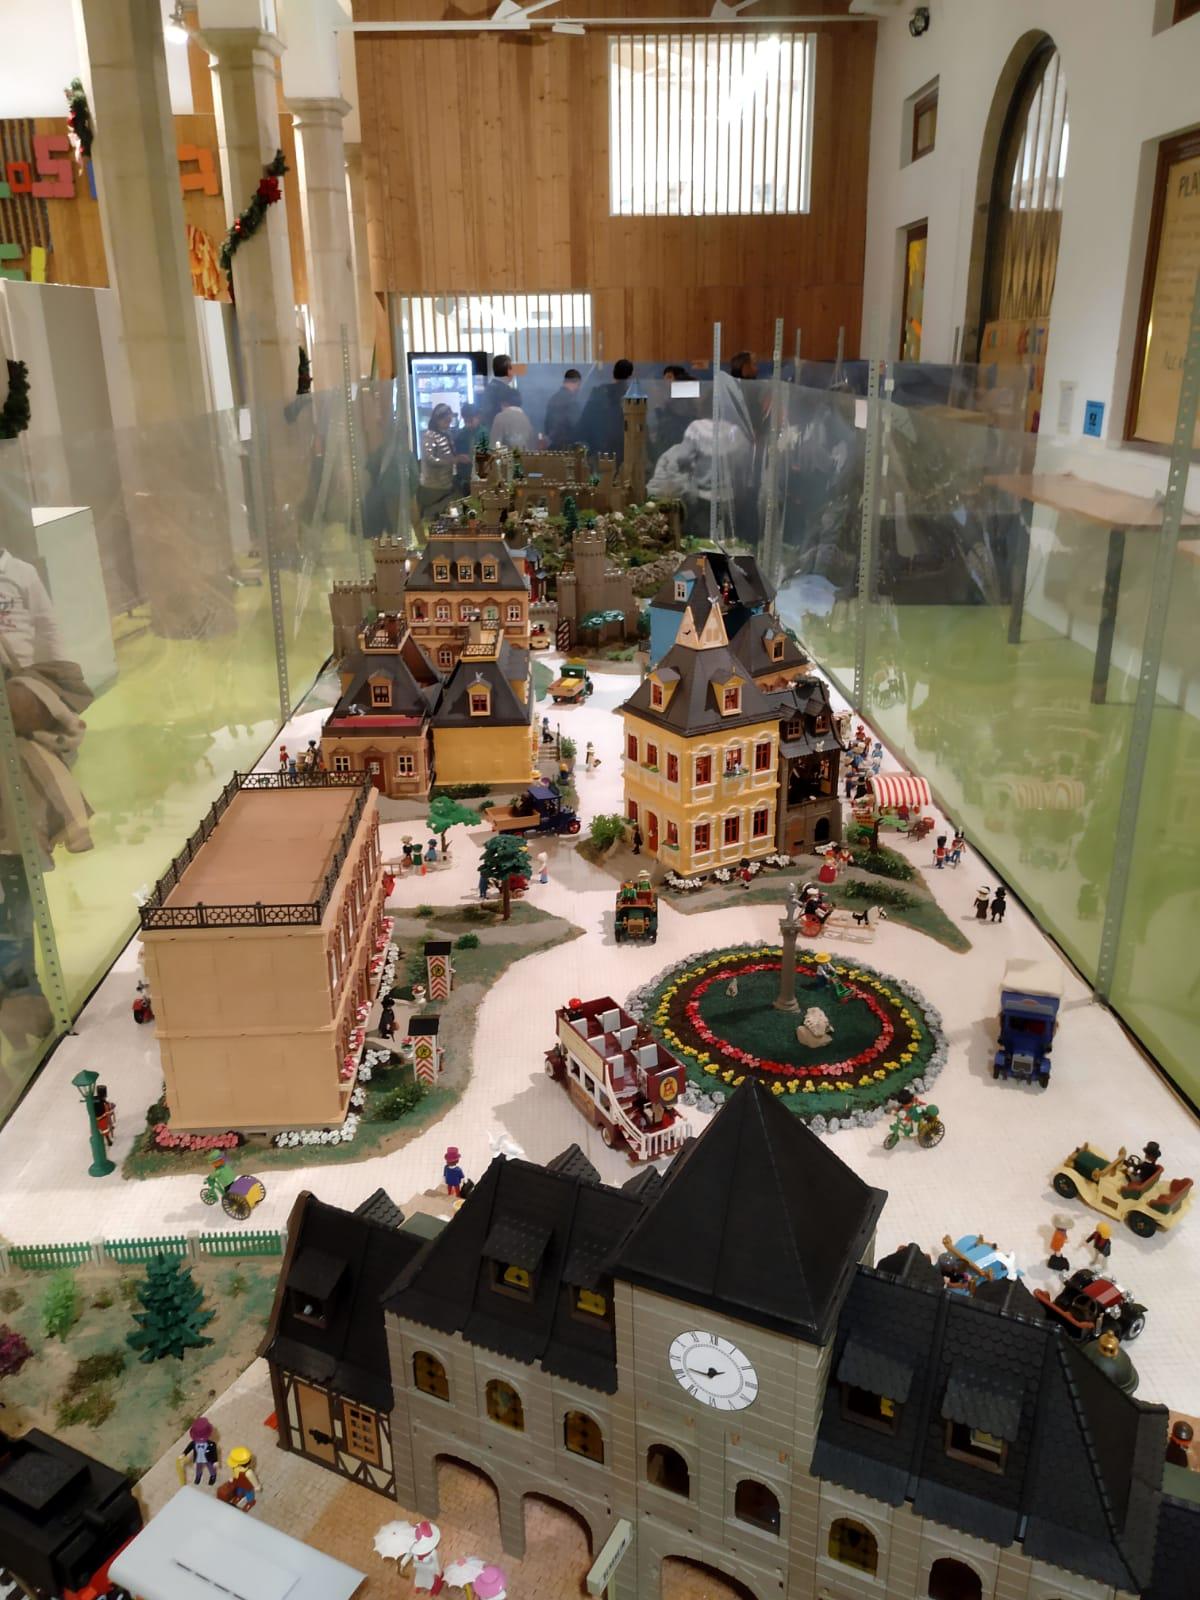 Exposicion playmobil alcañiz de tiendas 2